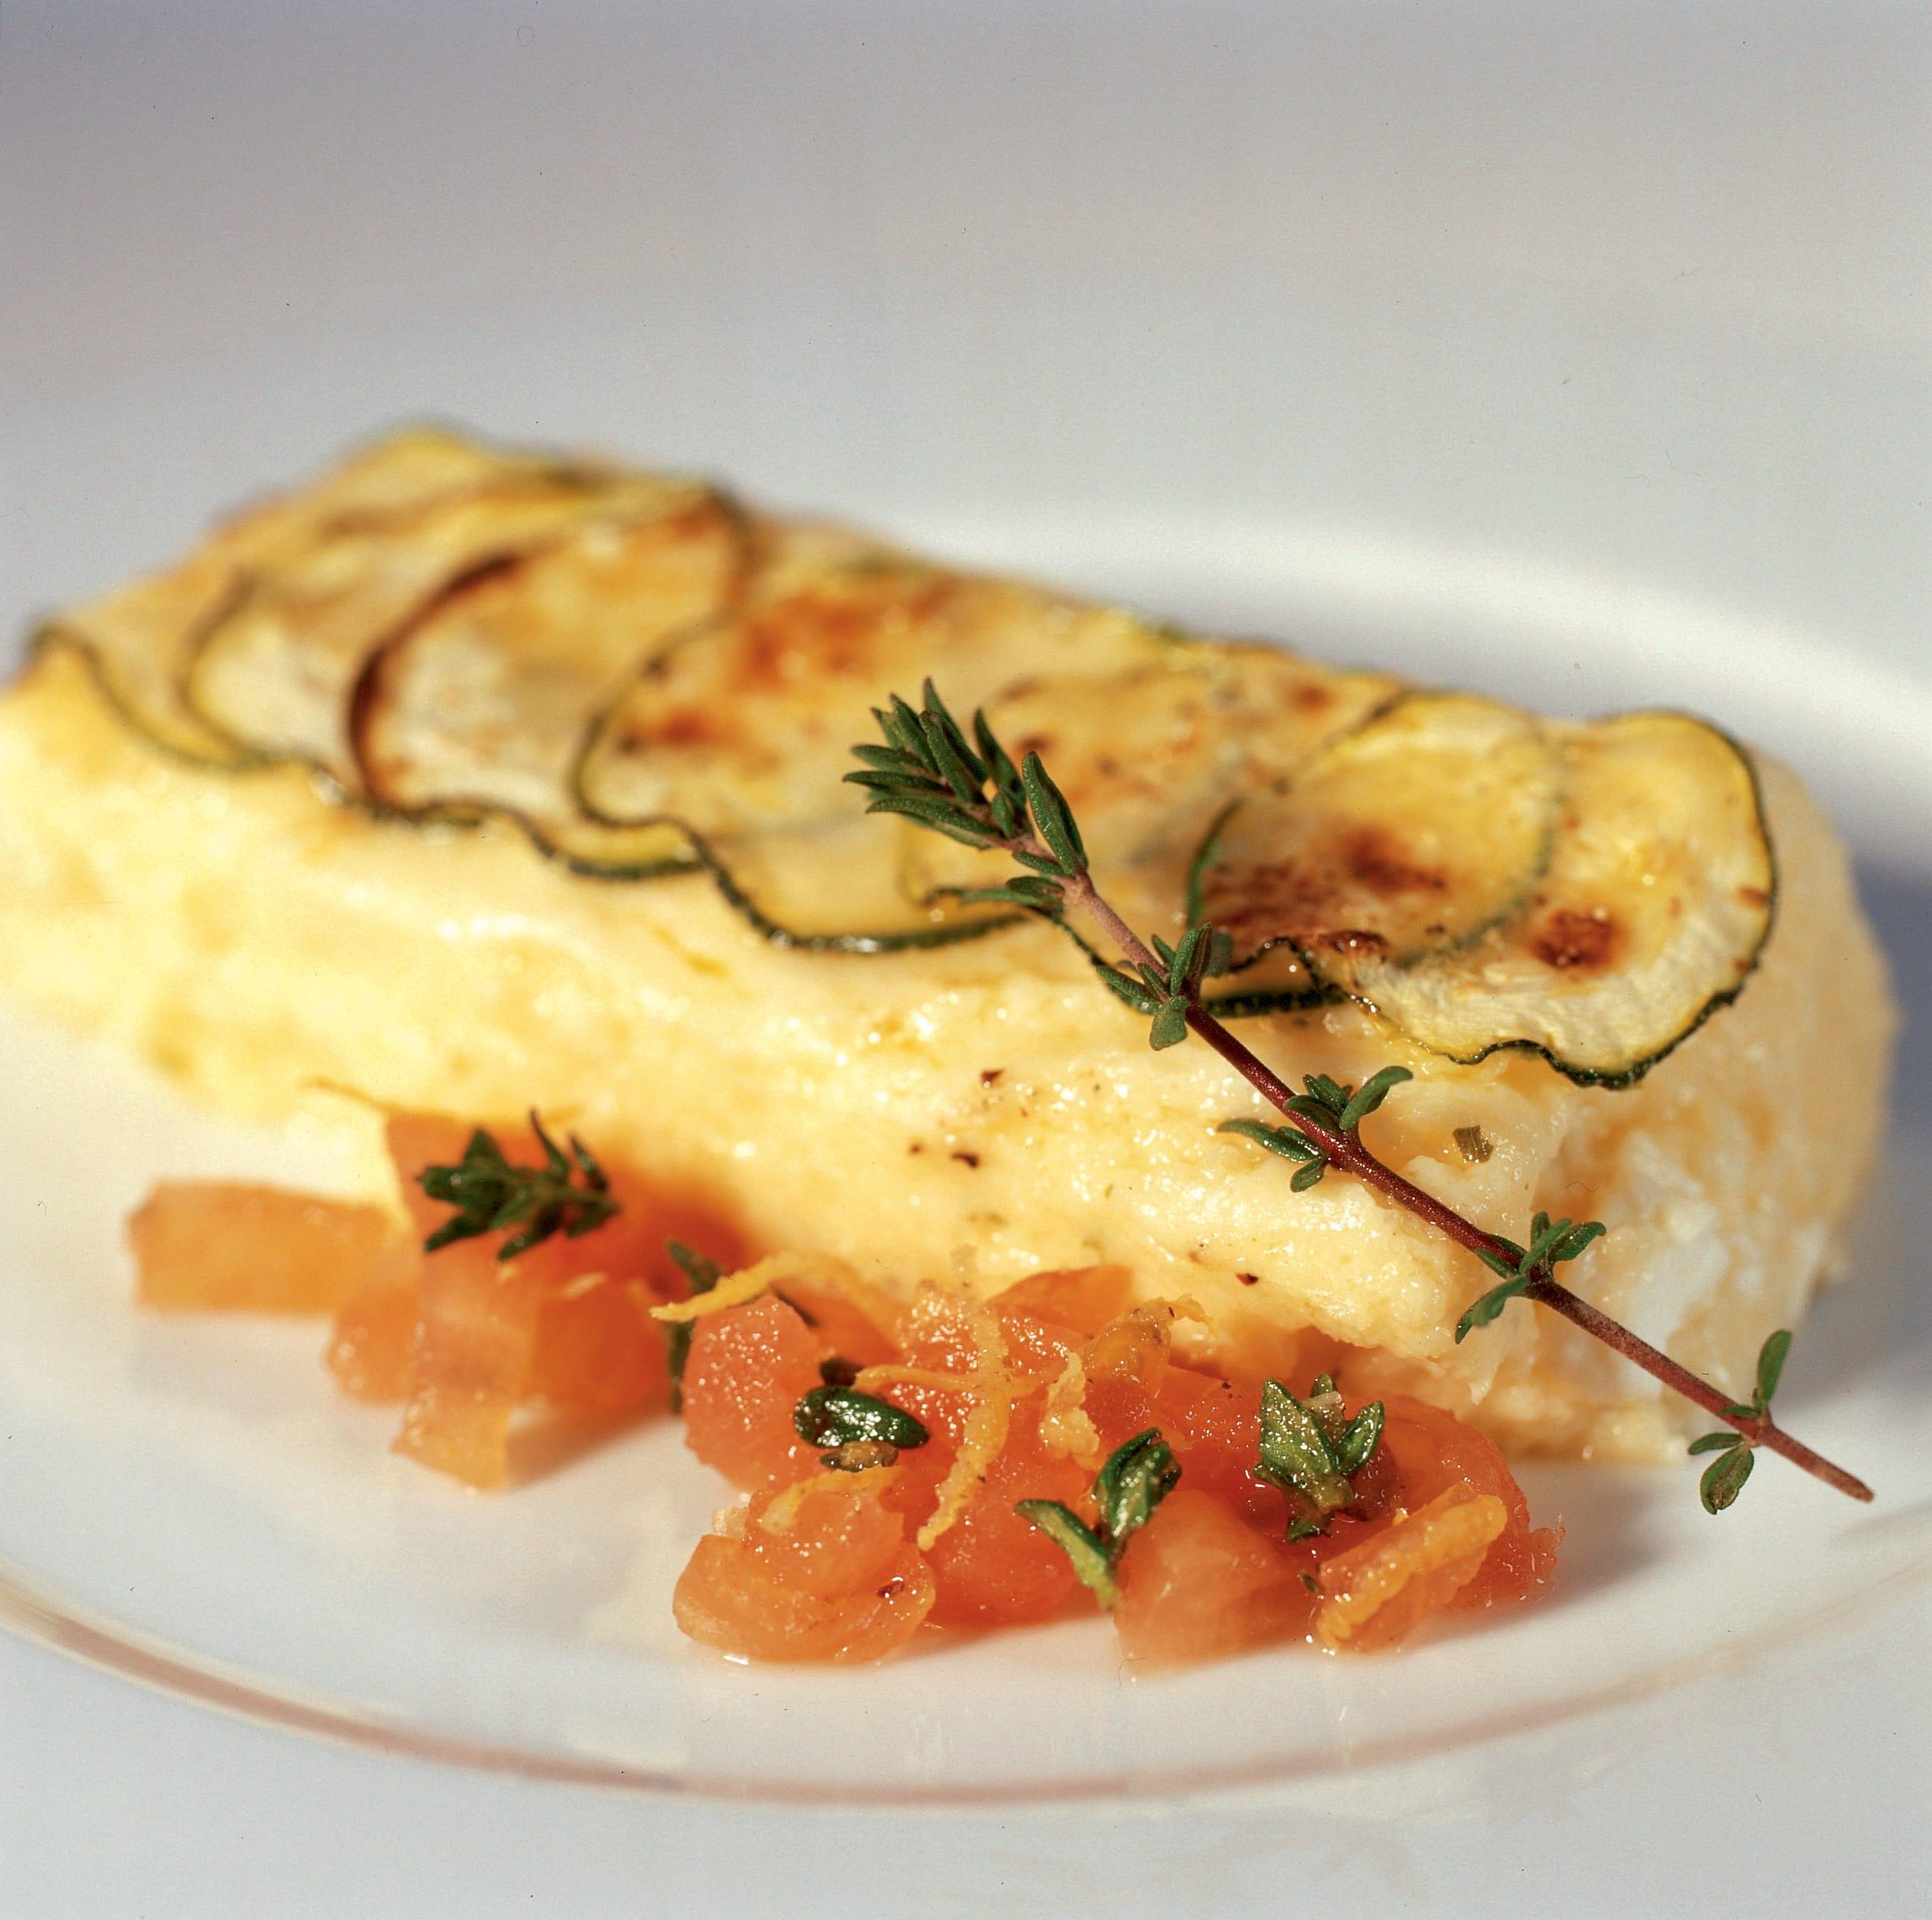 Zucchini-Griess-Schnitten mit kalter Tomatensauce